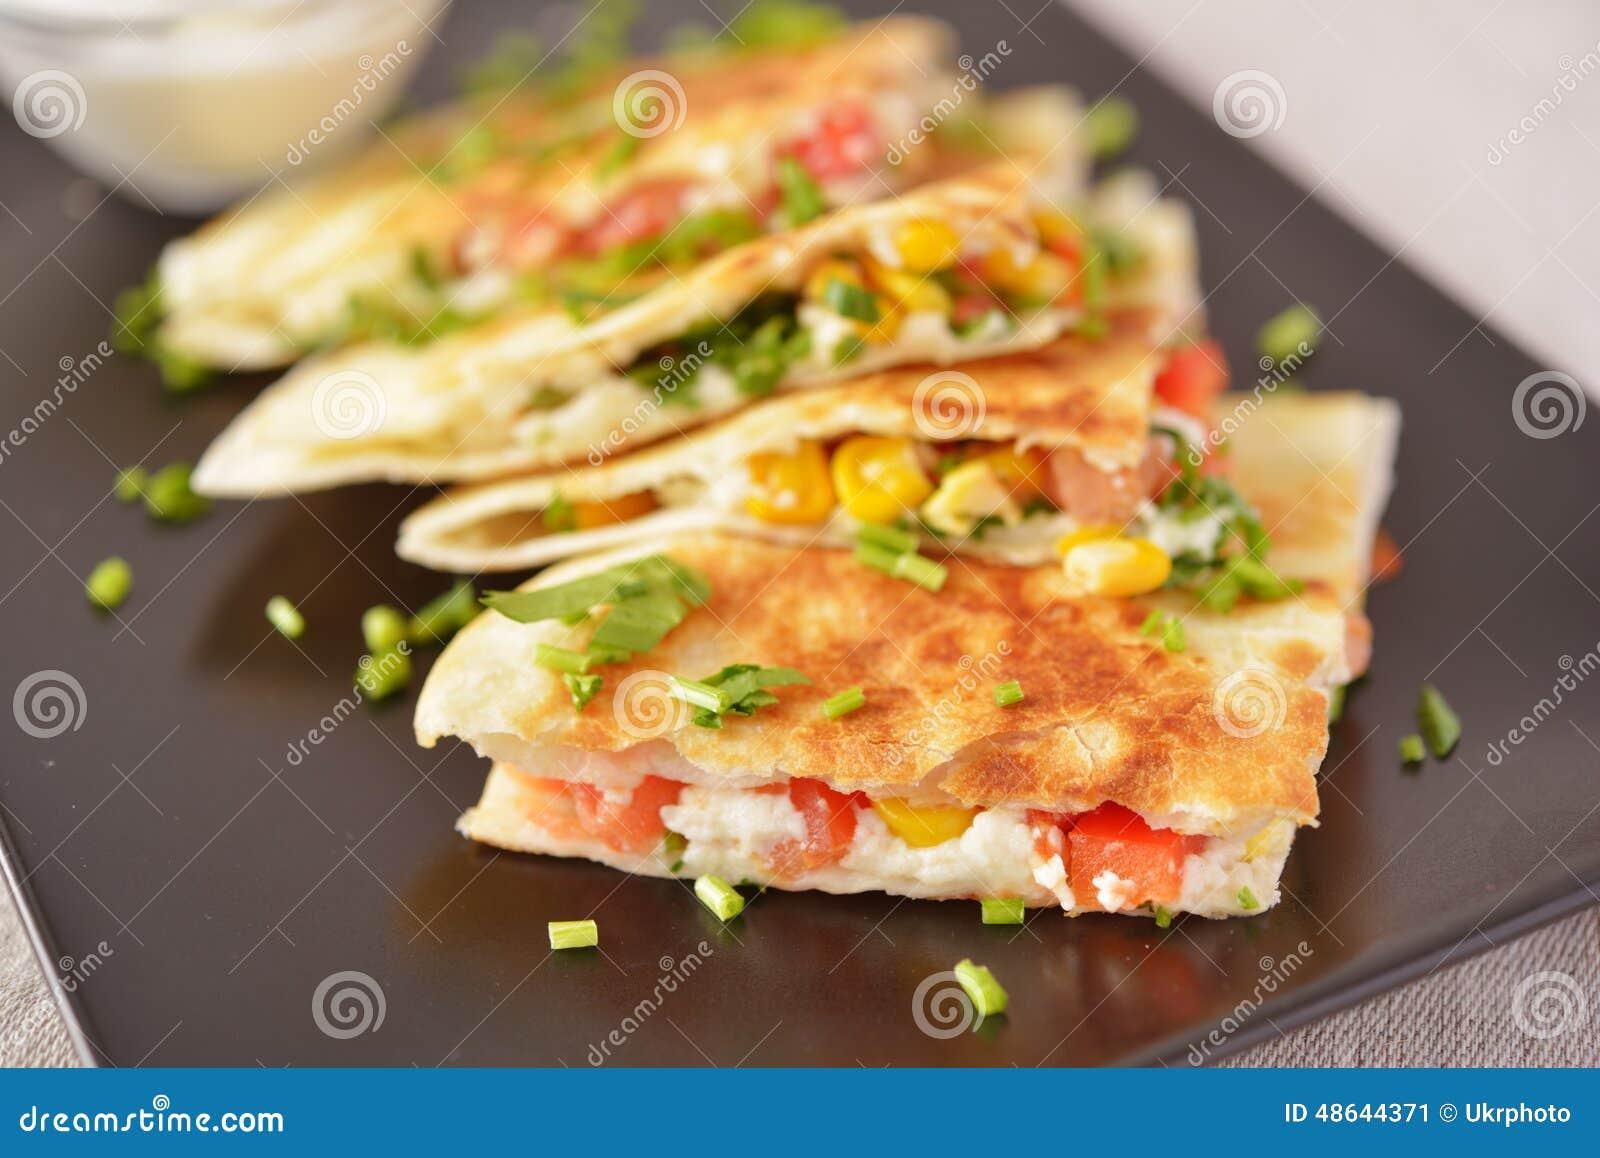 Quesadilla végétarien